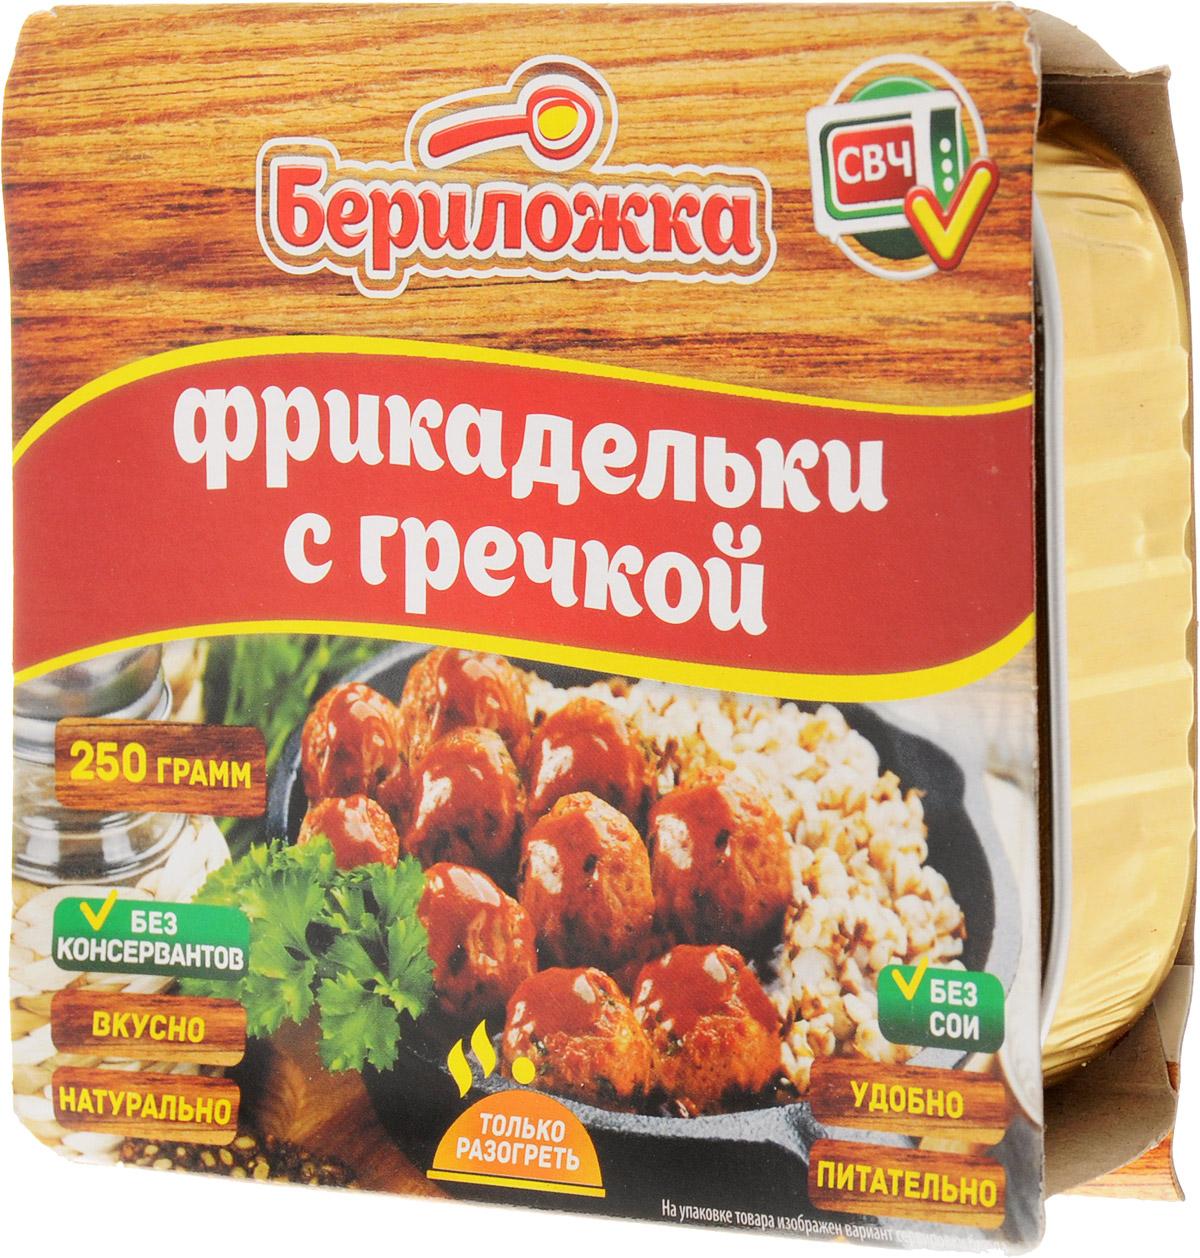 Бериложка фрикадельки с гречкой, 250 г5361Фрикадельки с гречкой Бериложка - стерилизованные мясорастительные консервы. Вкусно, натурально, удобно и питательно. Без консервантов, без сои. Продукт не содержит ГМО! Уважаемые клиенты! Обращаем ваше внимание, что полный перечень состава продукта представлен на дополнительном изображении.